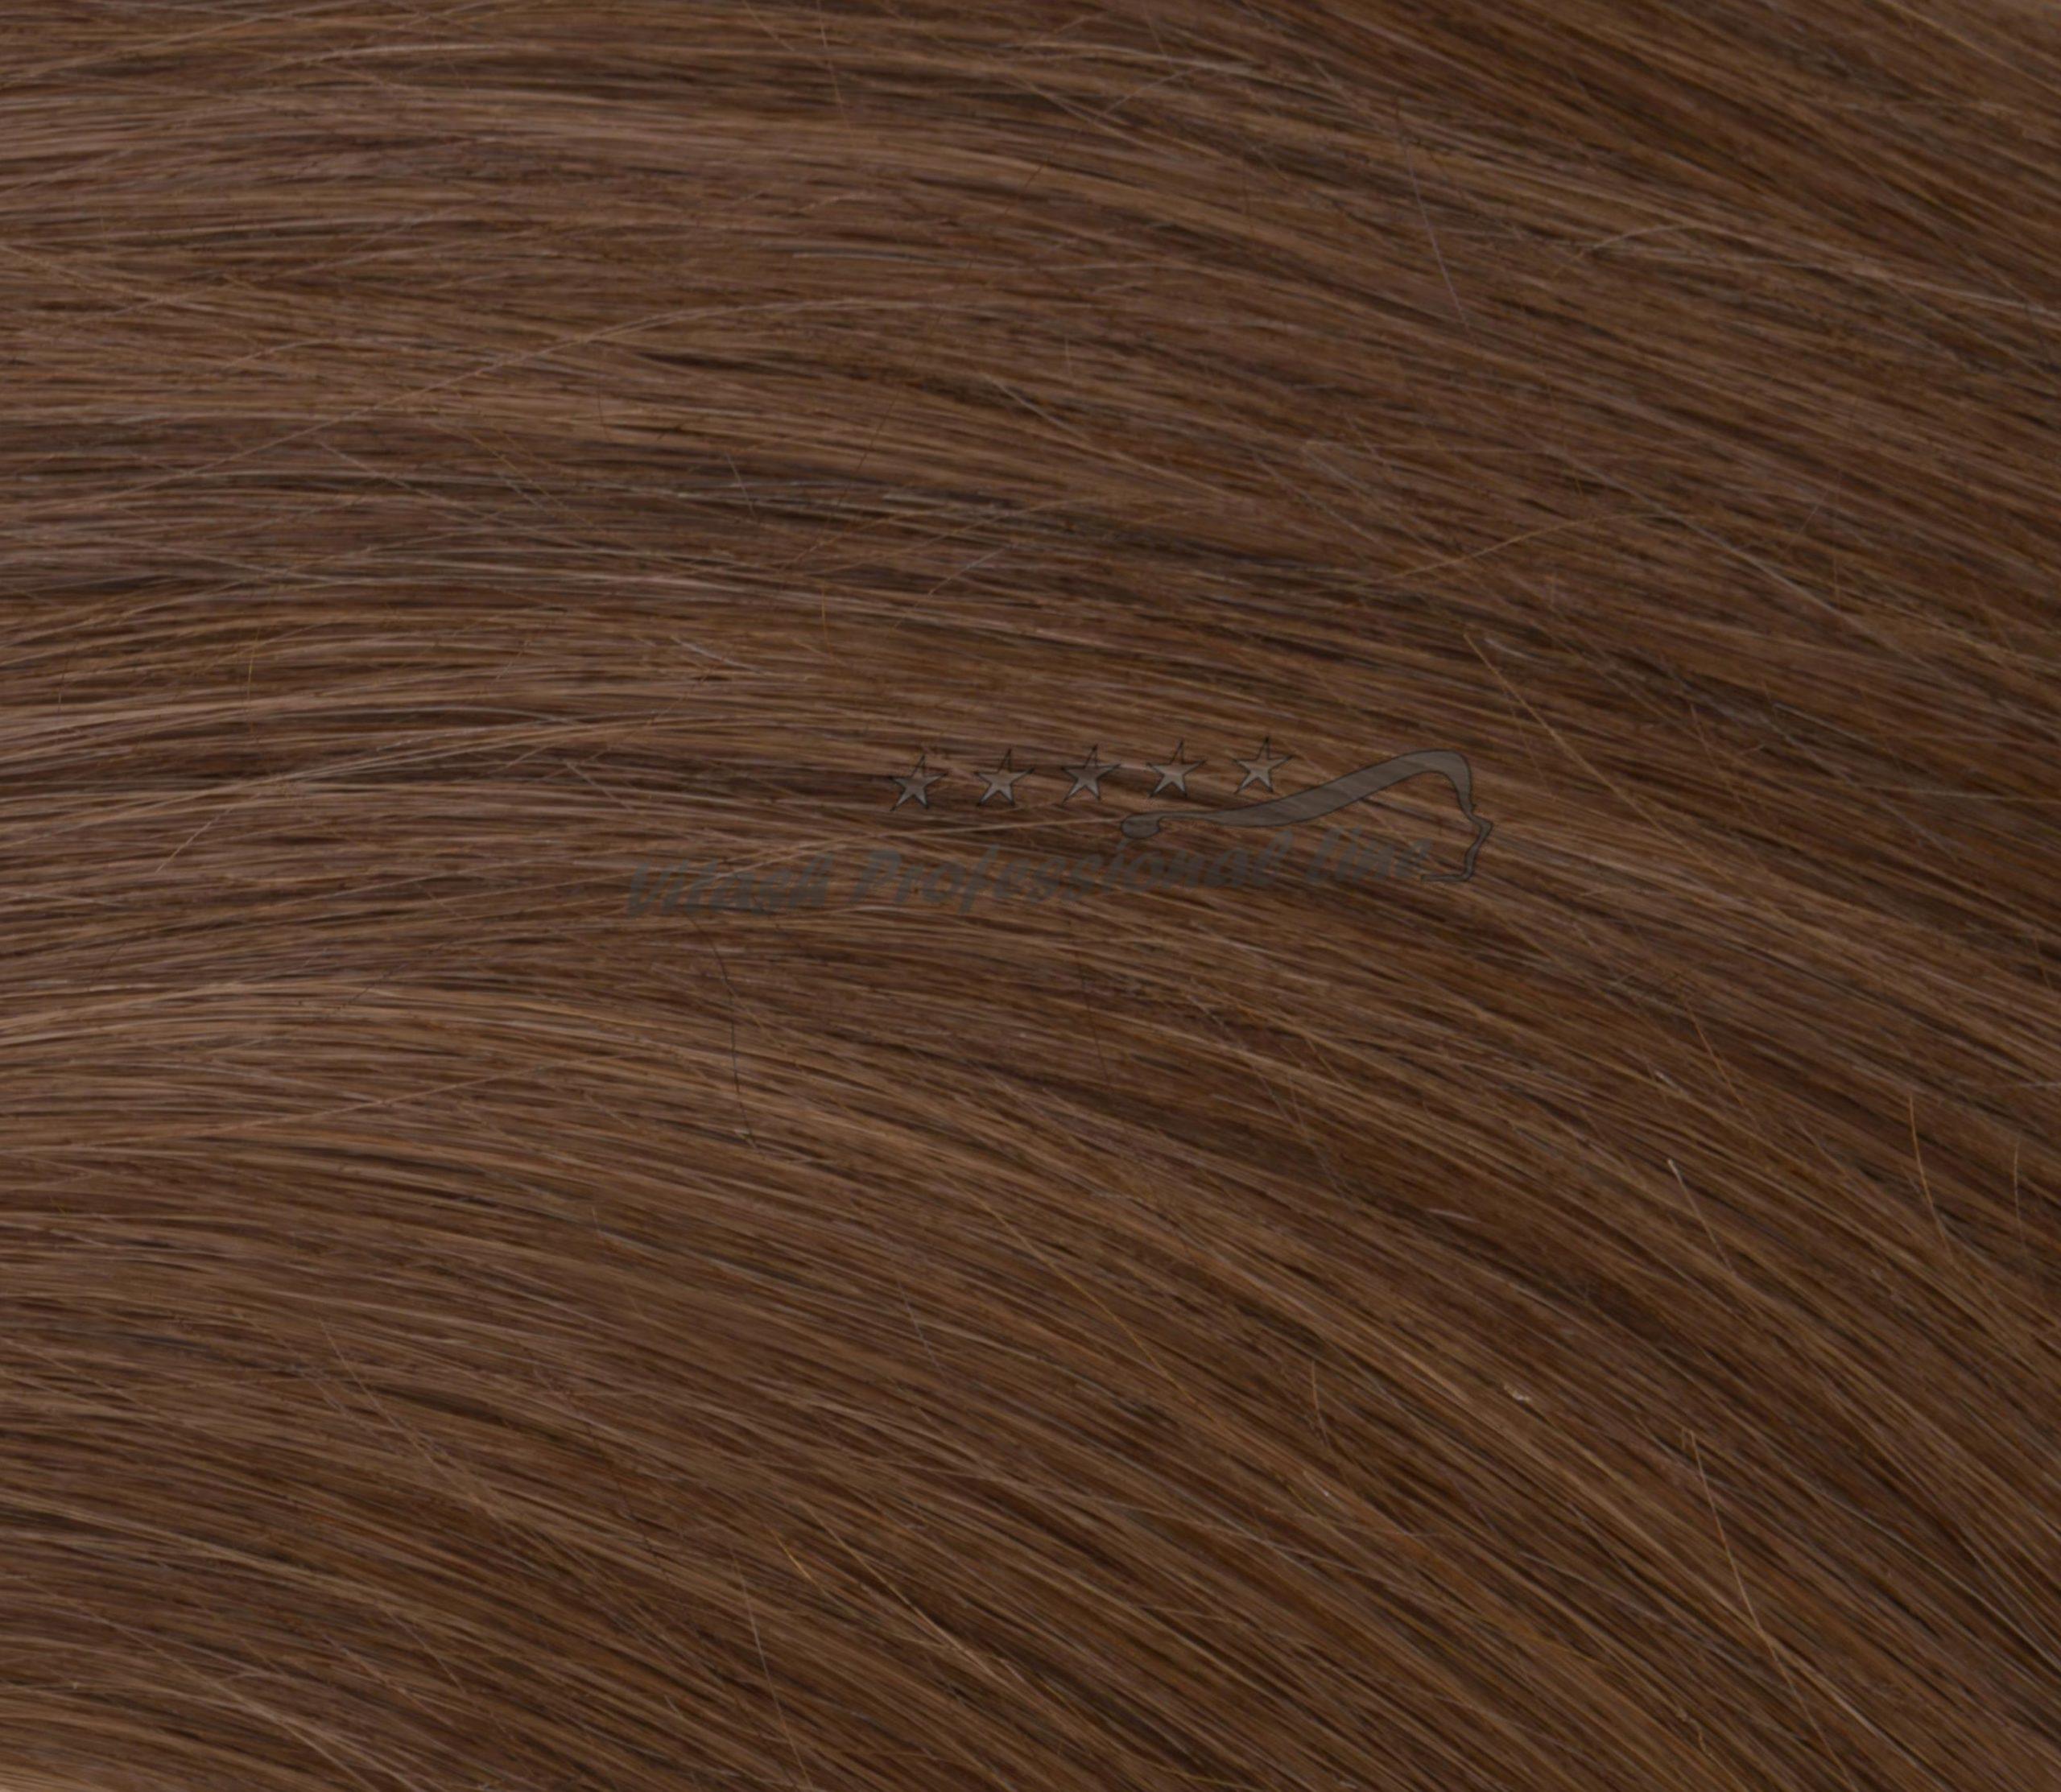 25 REMY indische Echthaar Strähnen stark gewellt - 1 Gramm pro Strähne #6- karamellbraun